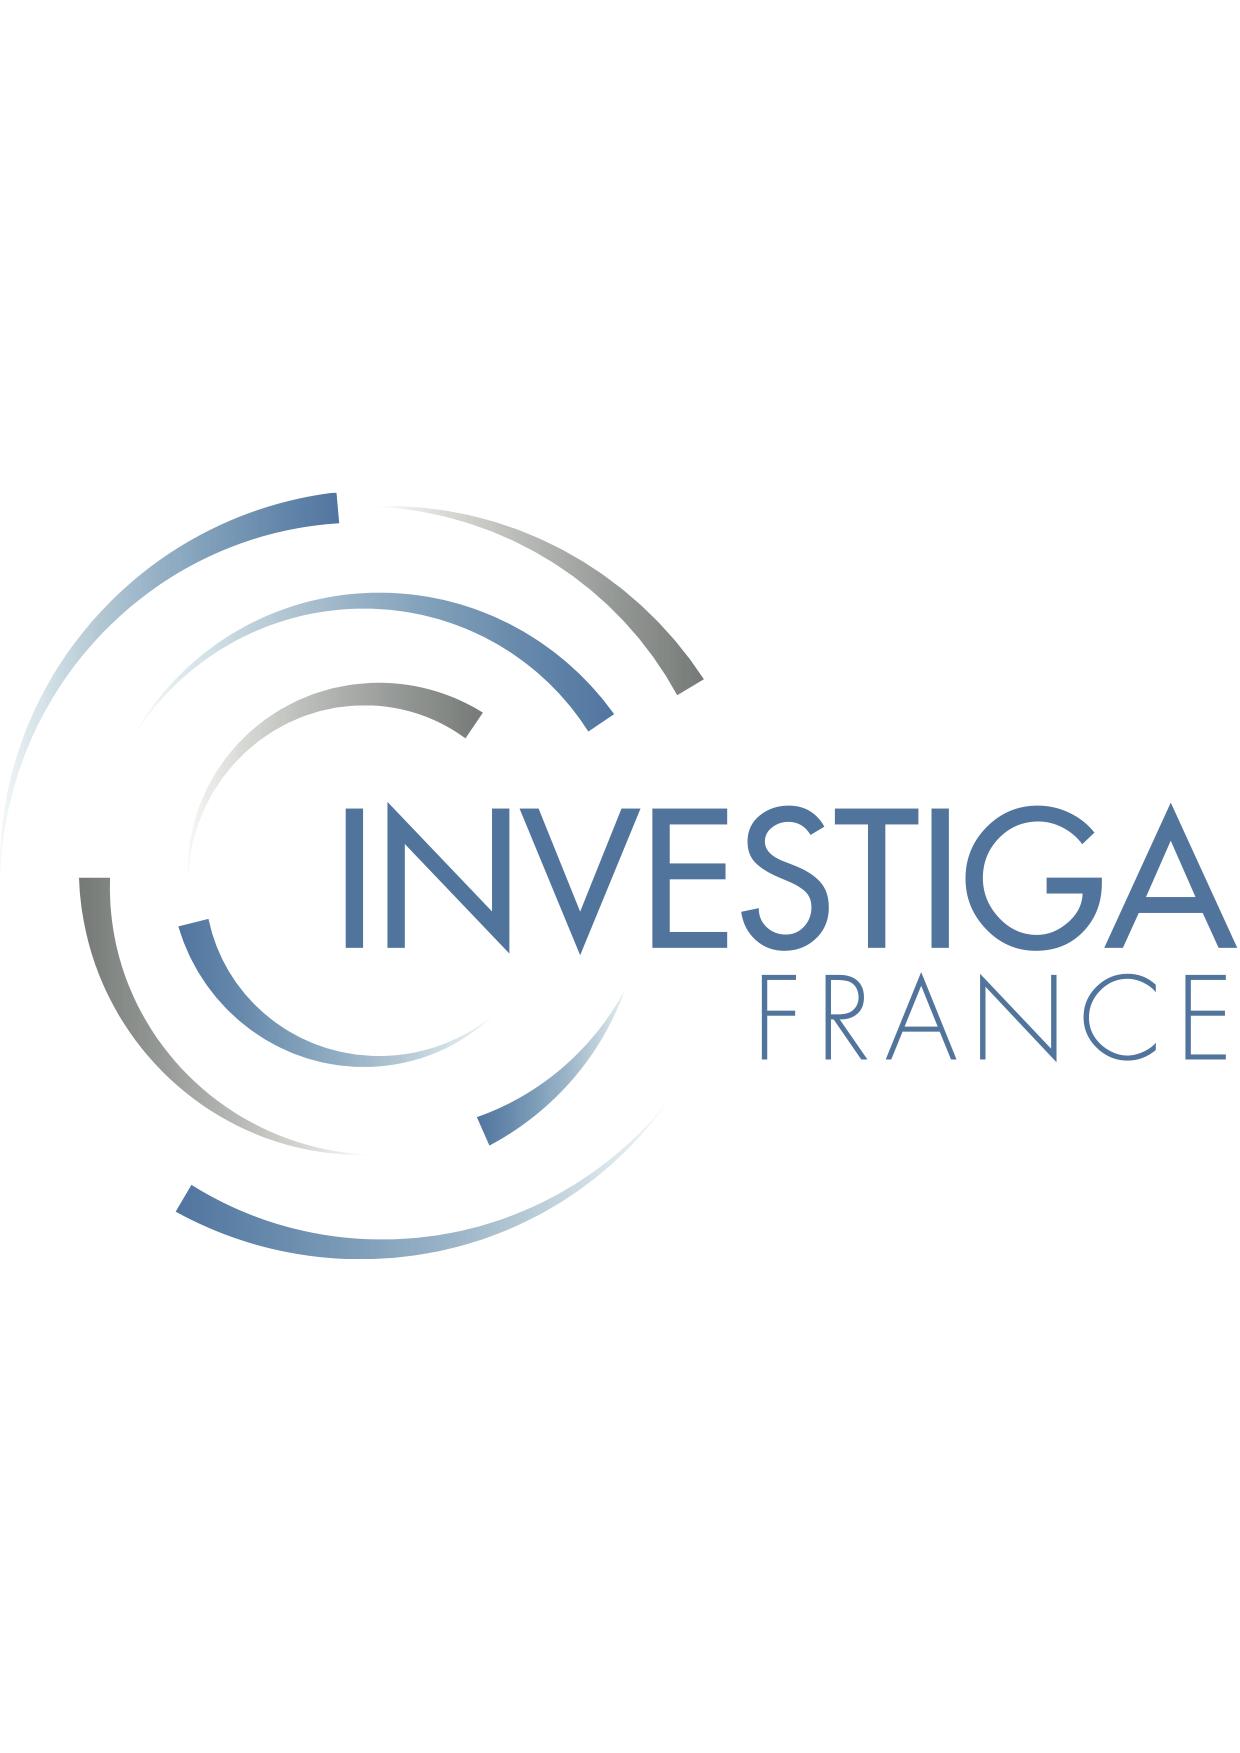 logo Investiga France